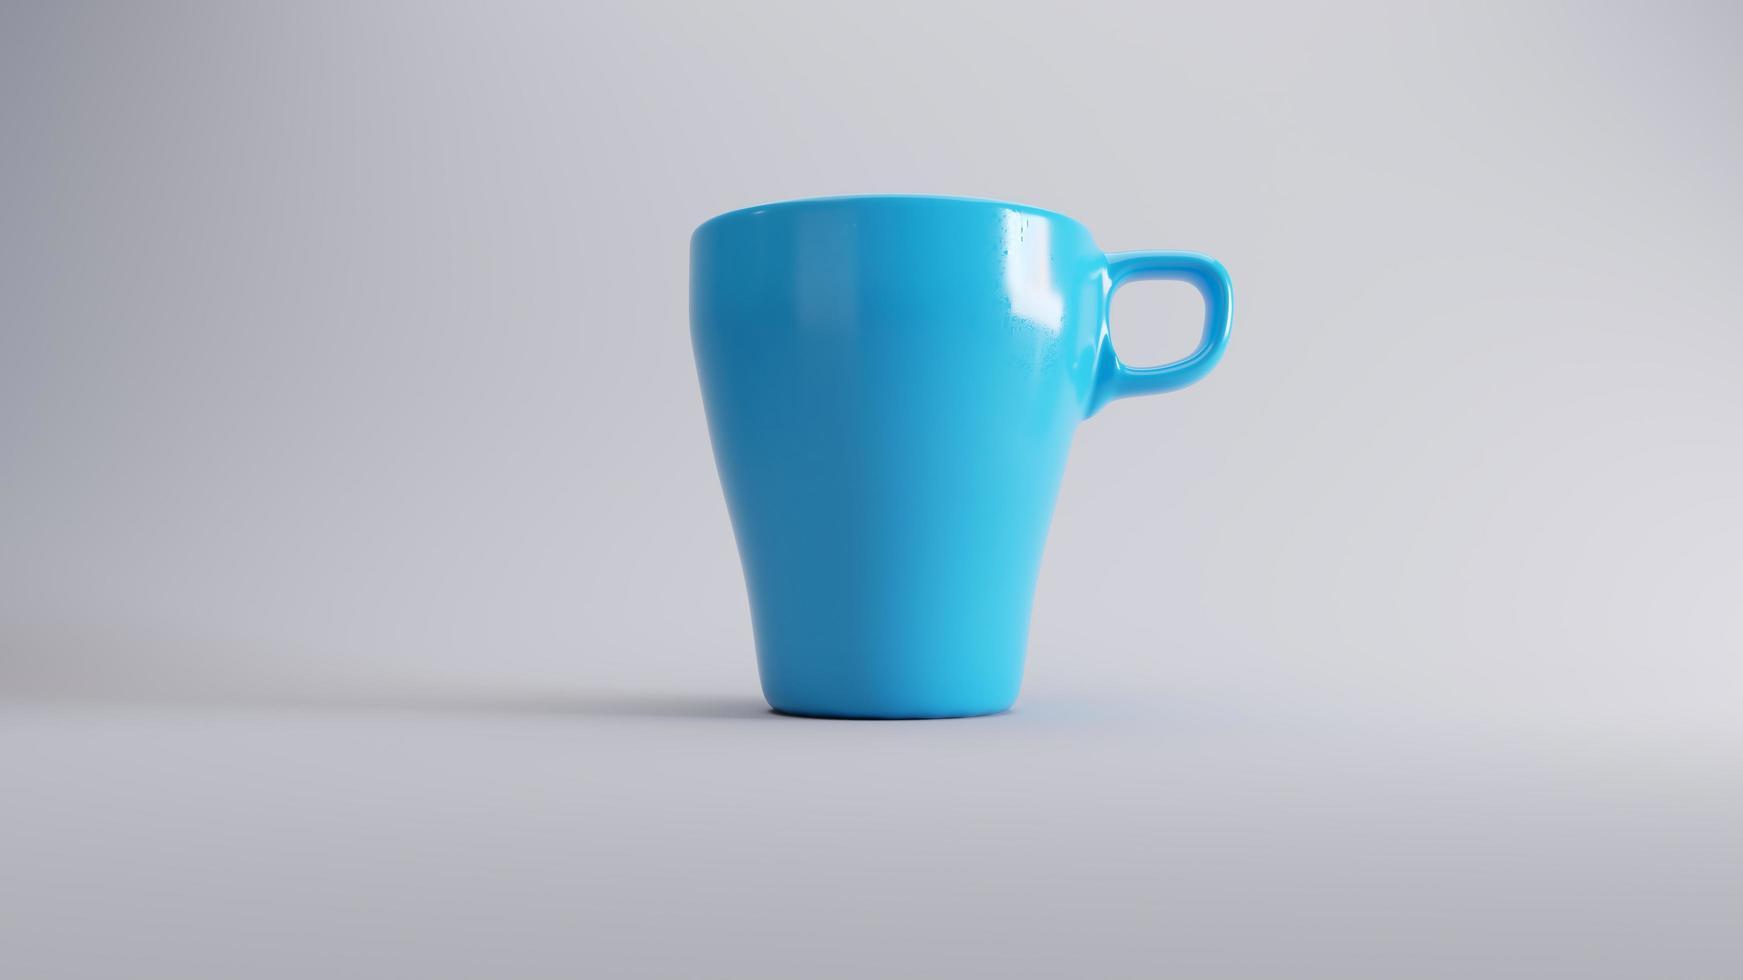 tasse à café bleue sur fond blanc photo